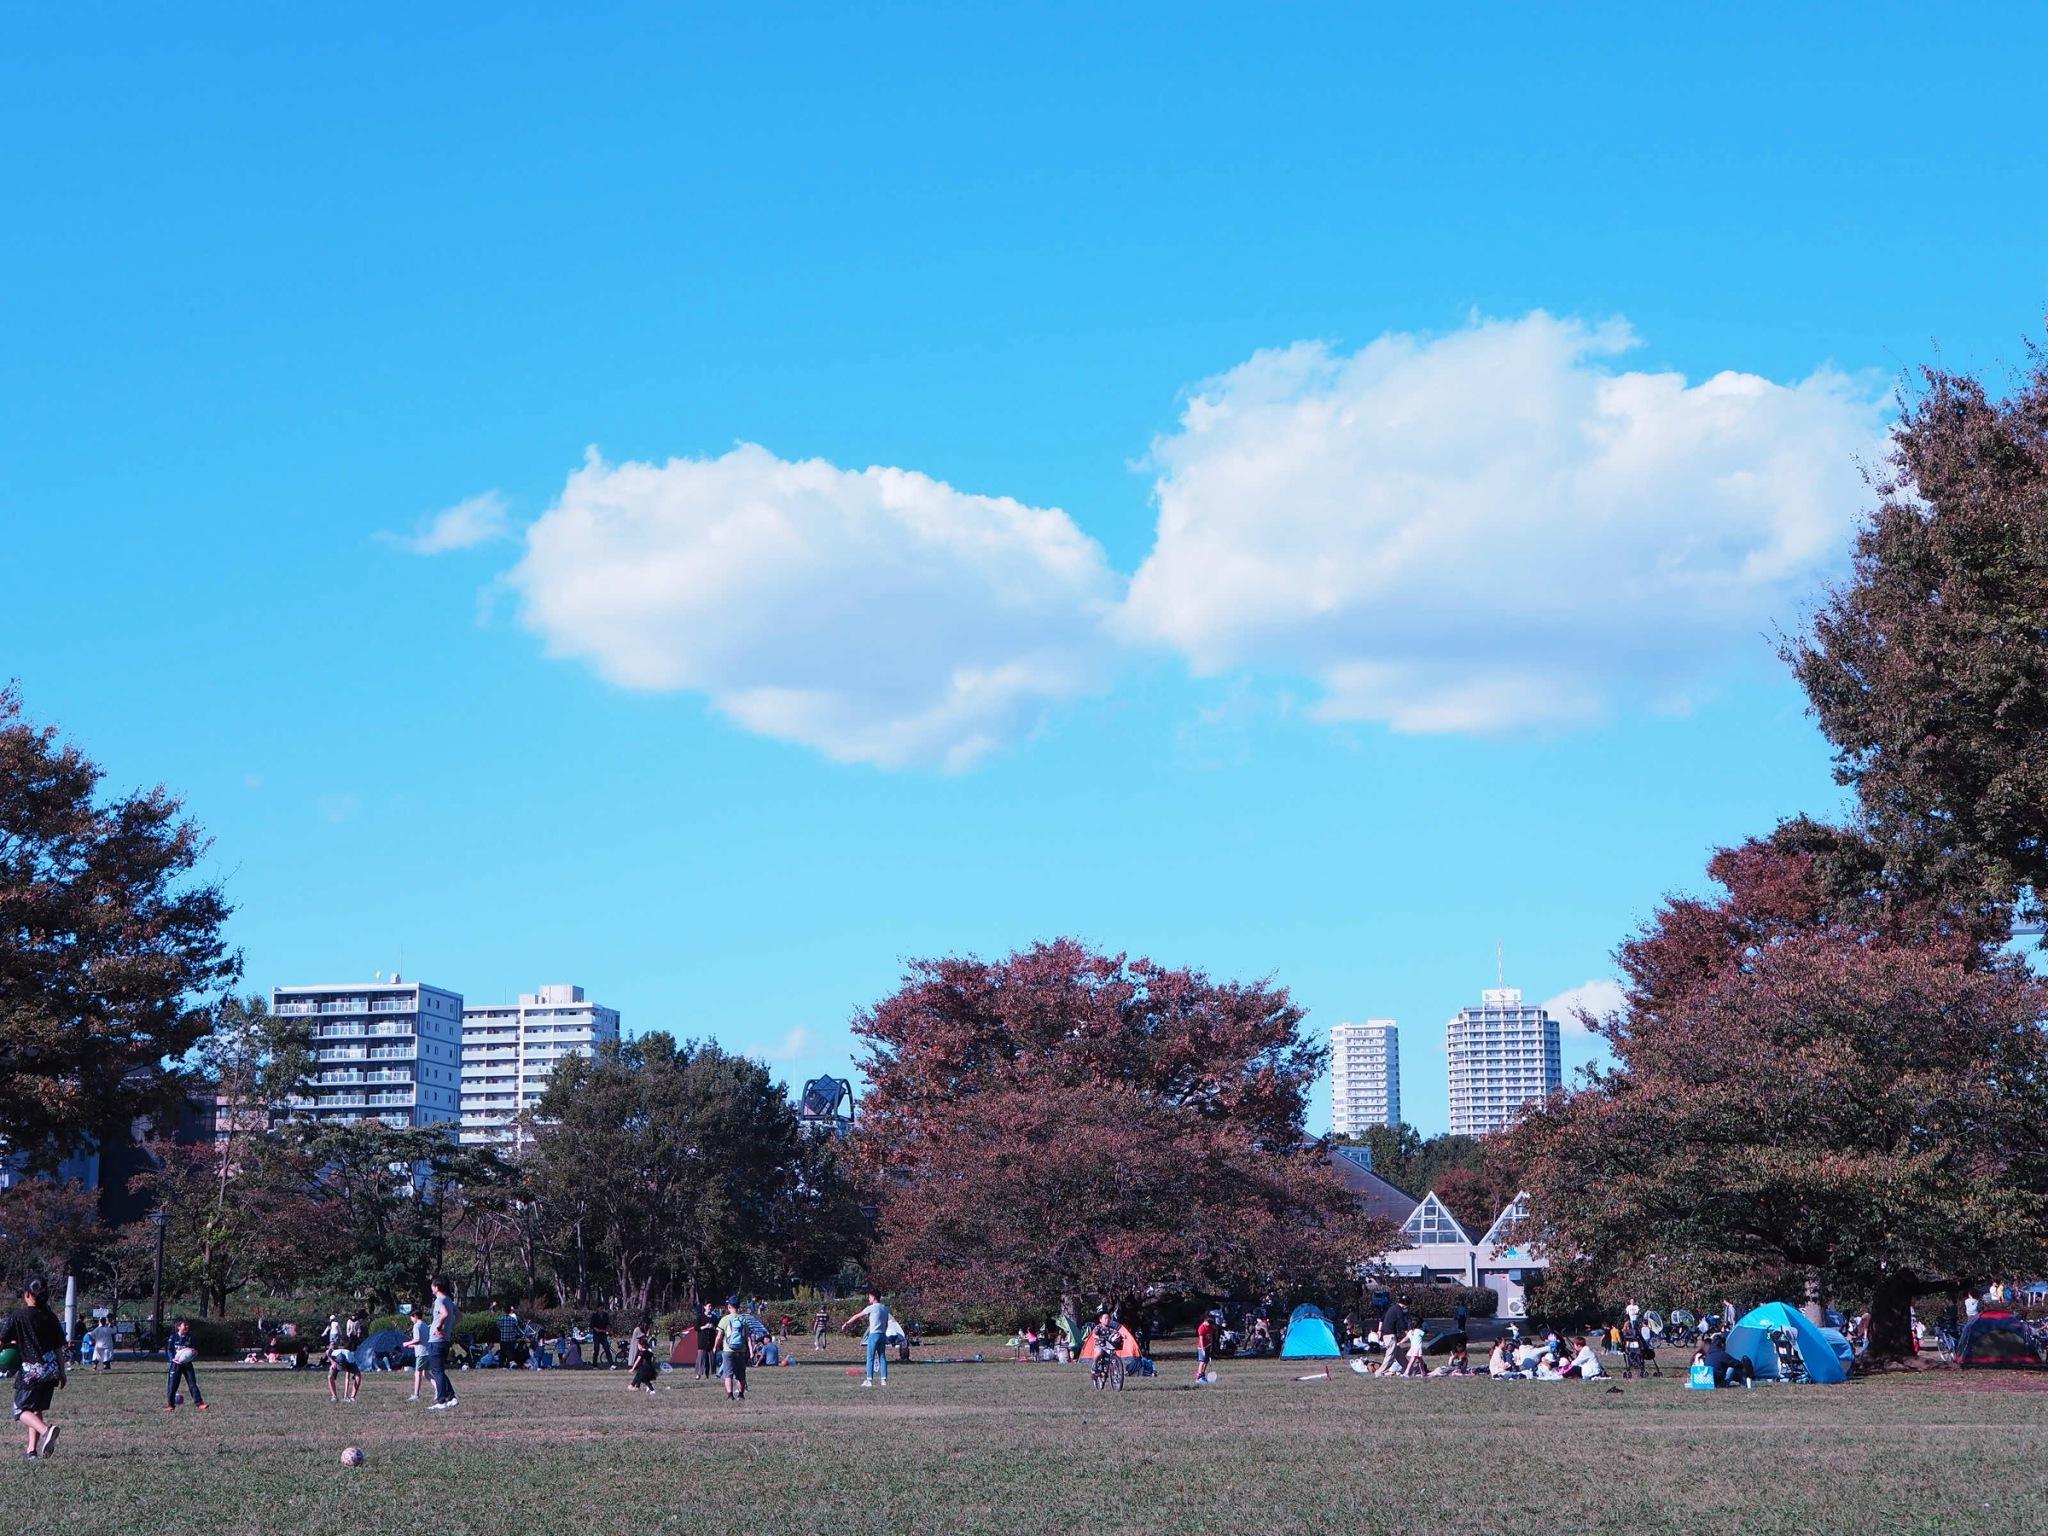 【都内サイクリング♩】秋晴れの日に #ドコモ・バイクシェア でお出かけしてみた♡_5